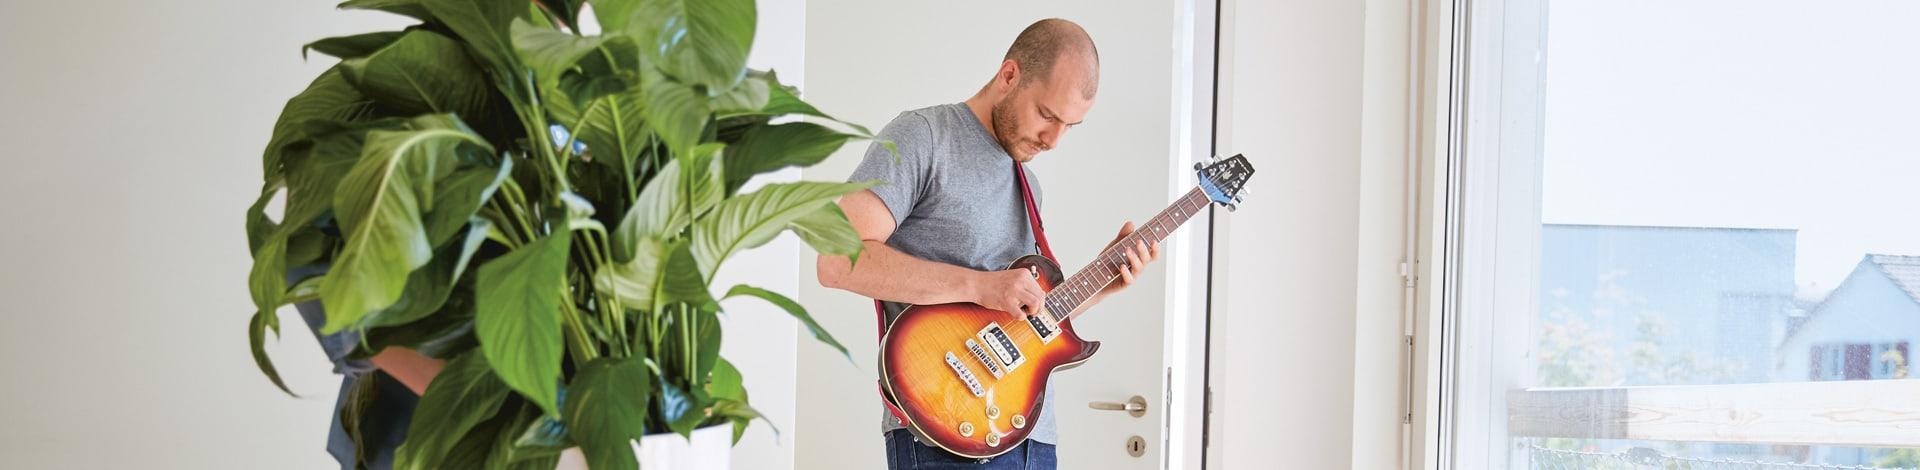 Assurance ménage guitariste et plante